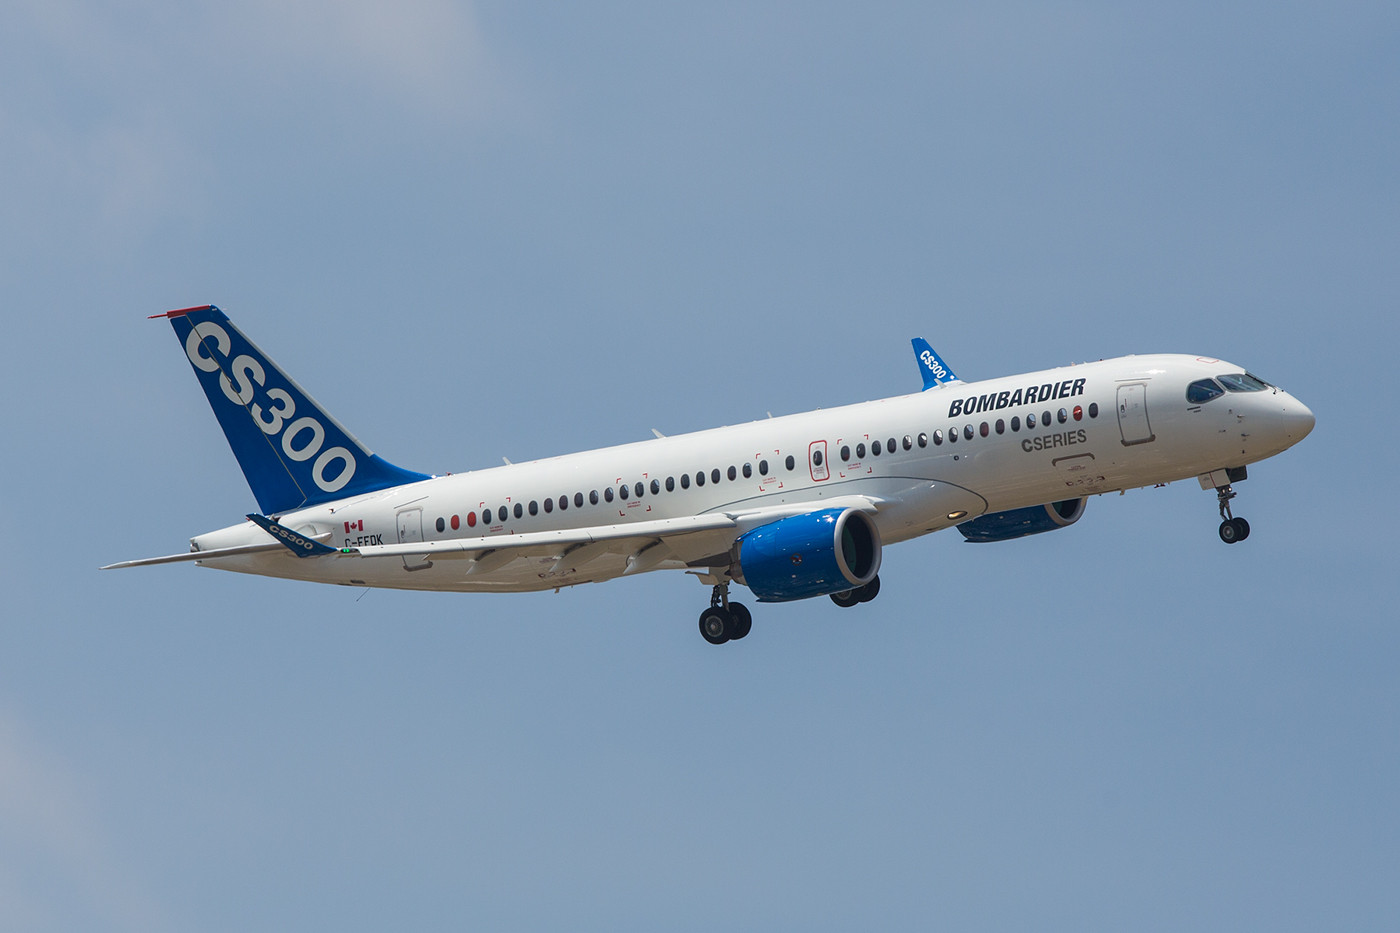 Der Bombardier CS300 konnte leider keinen neuen Kunden überzeugen.